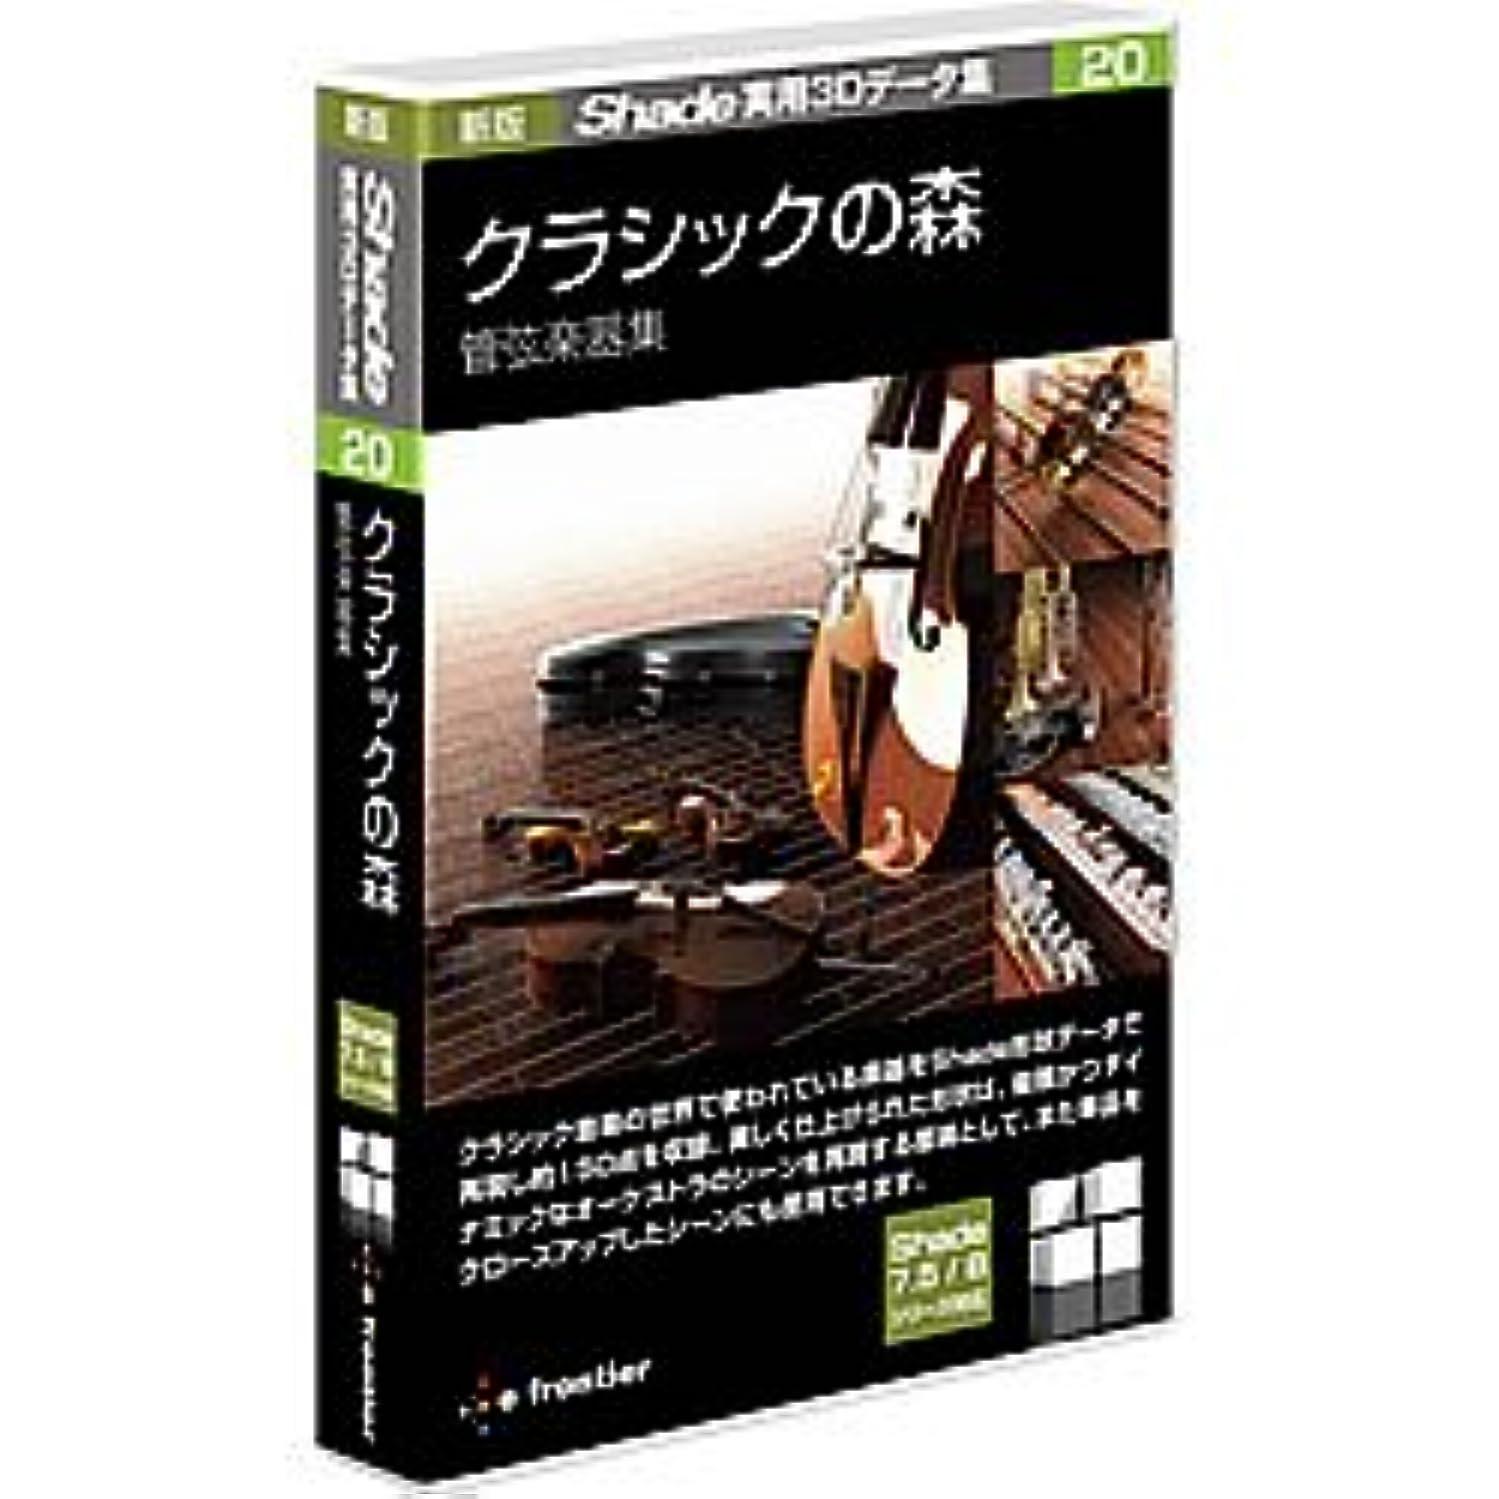 描くより平らなネスト新版 Shade実用3Dデータ集 20 クラシックの森 管弦楽器集